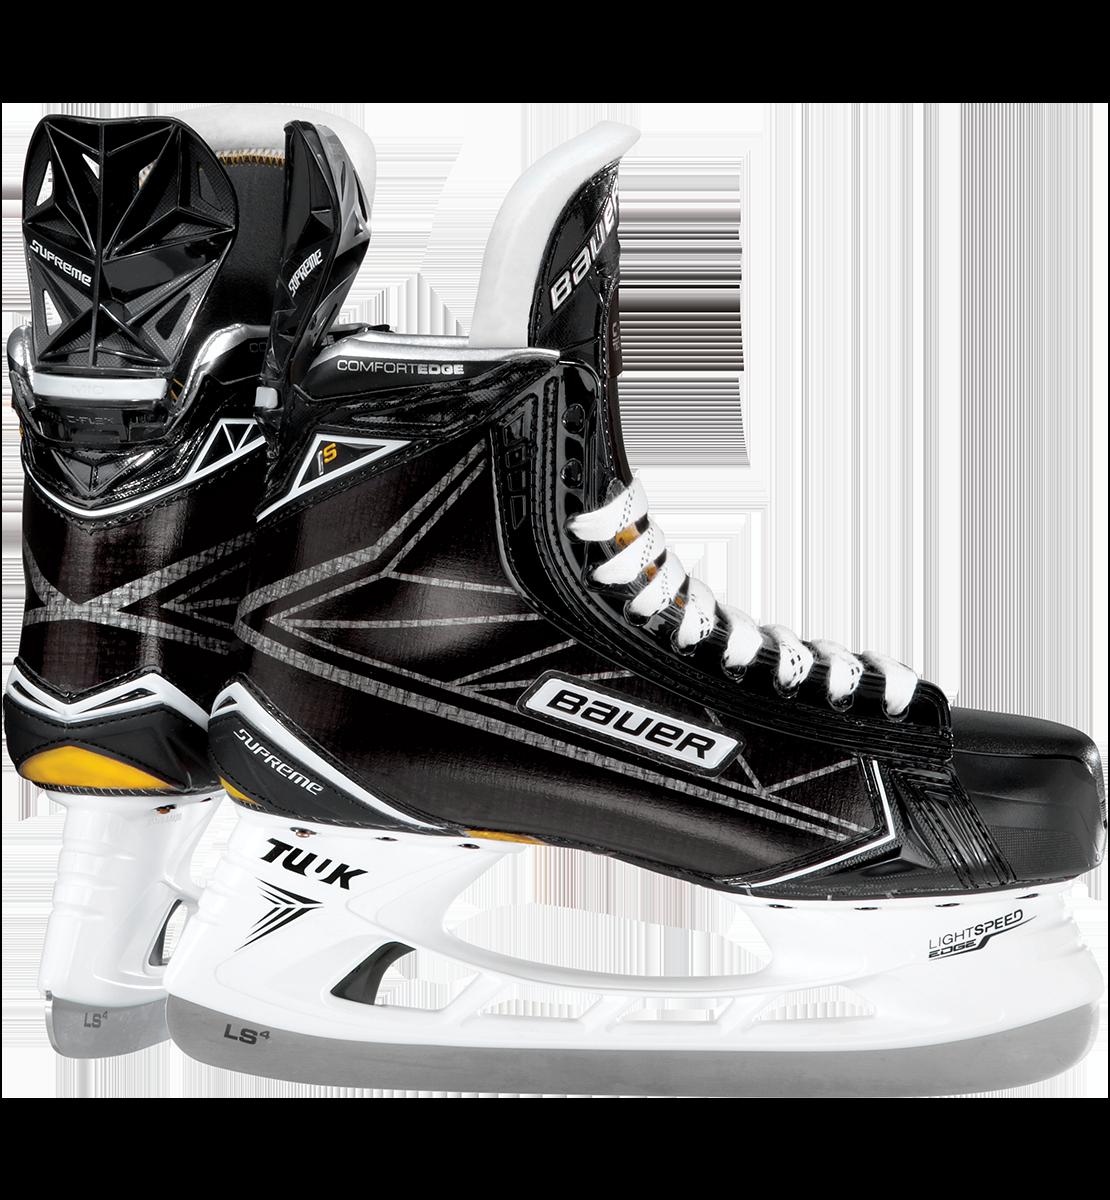 Ice Skates Png Image Hockey Ice Hockey Ice Skating